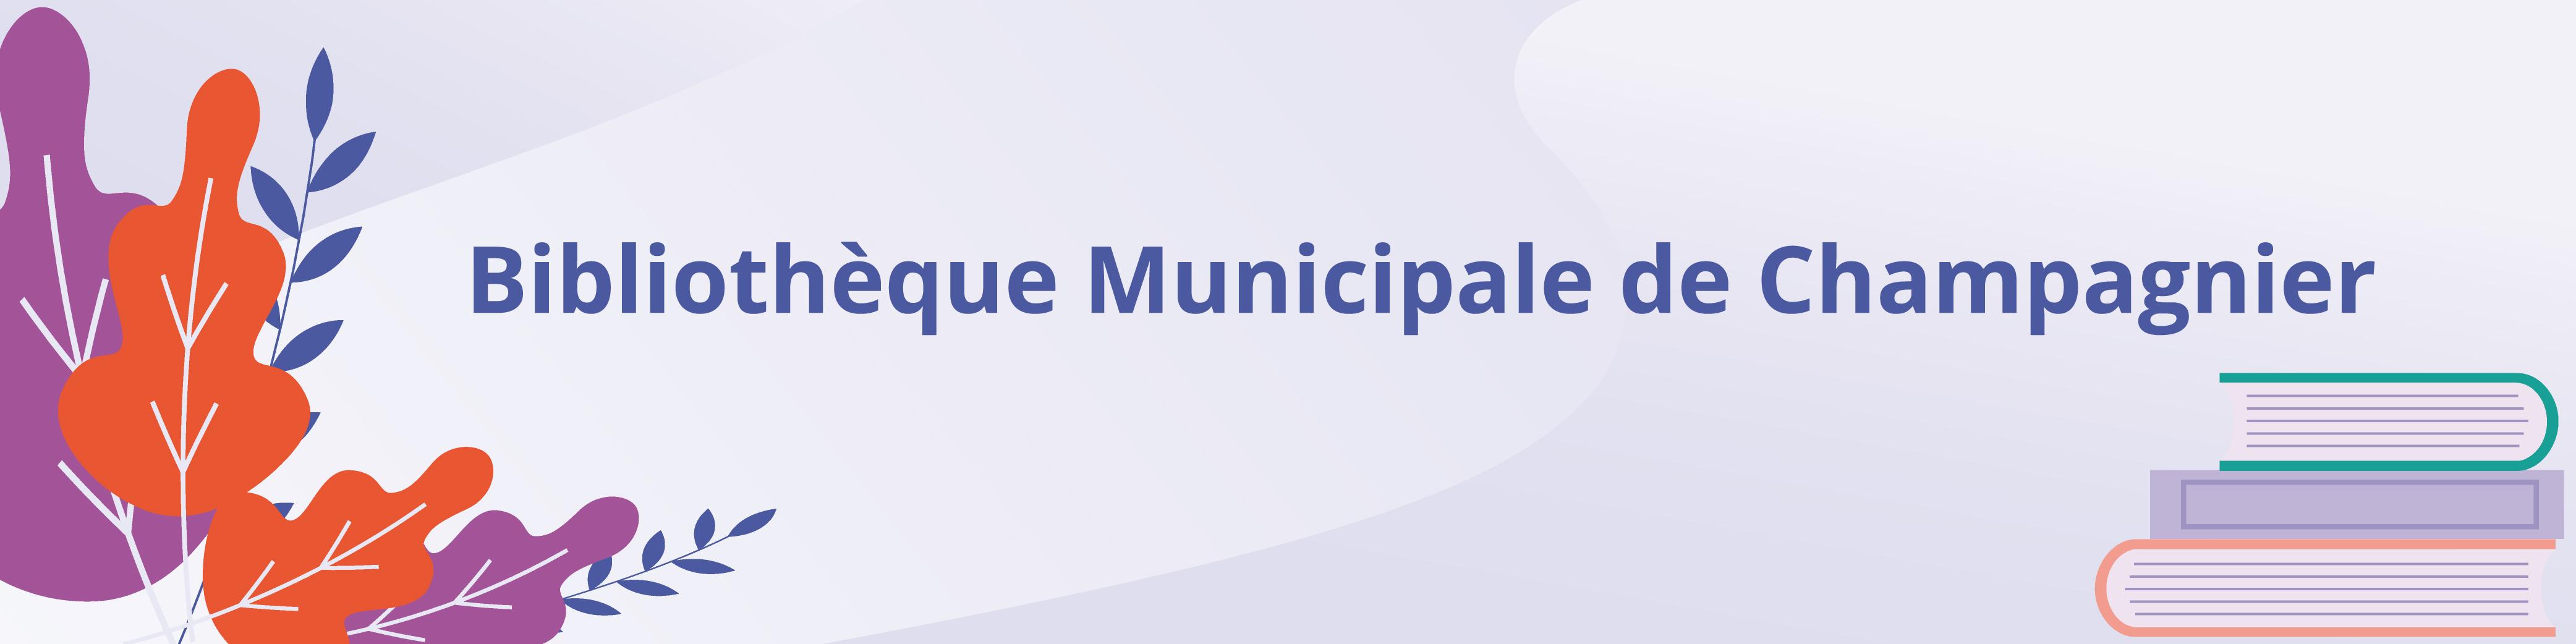 Bibliothèque de Champagnier